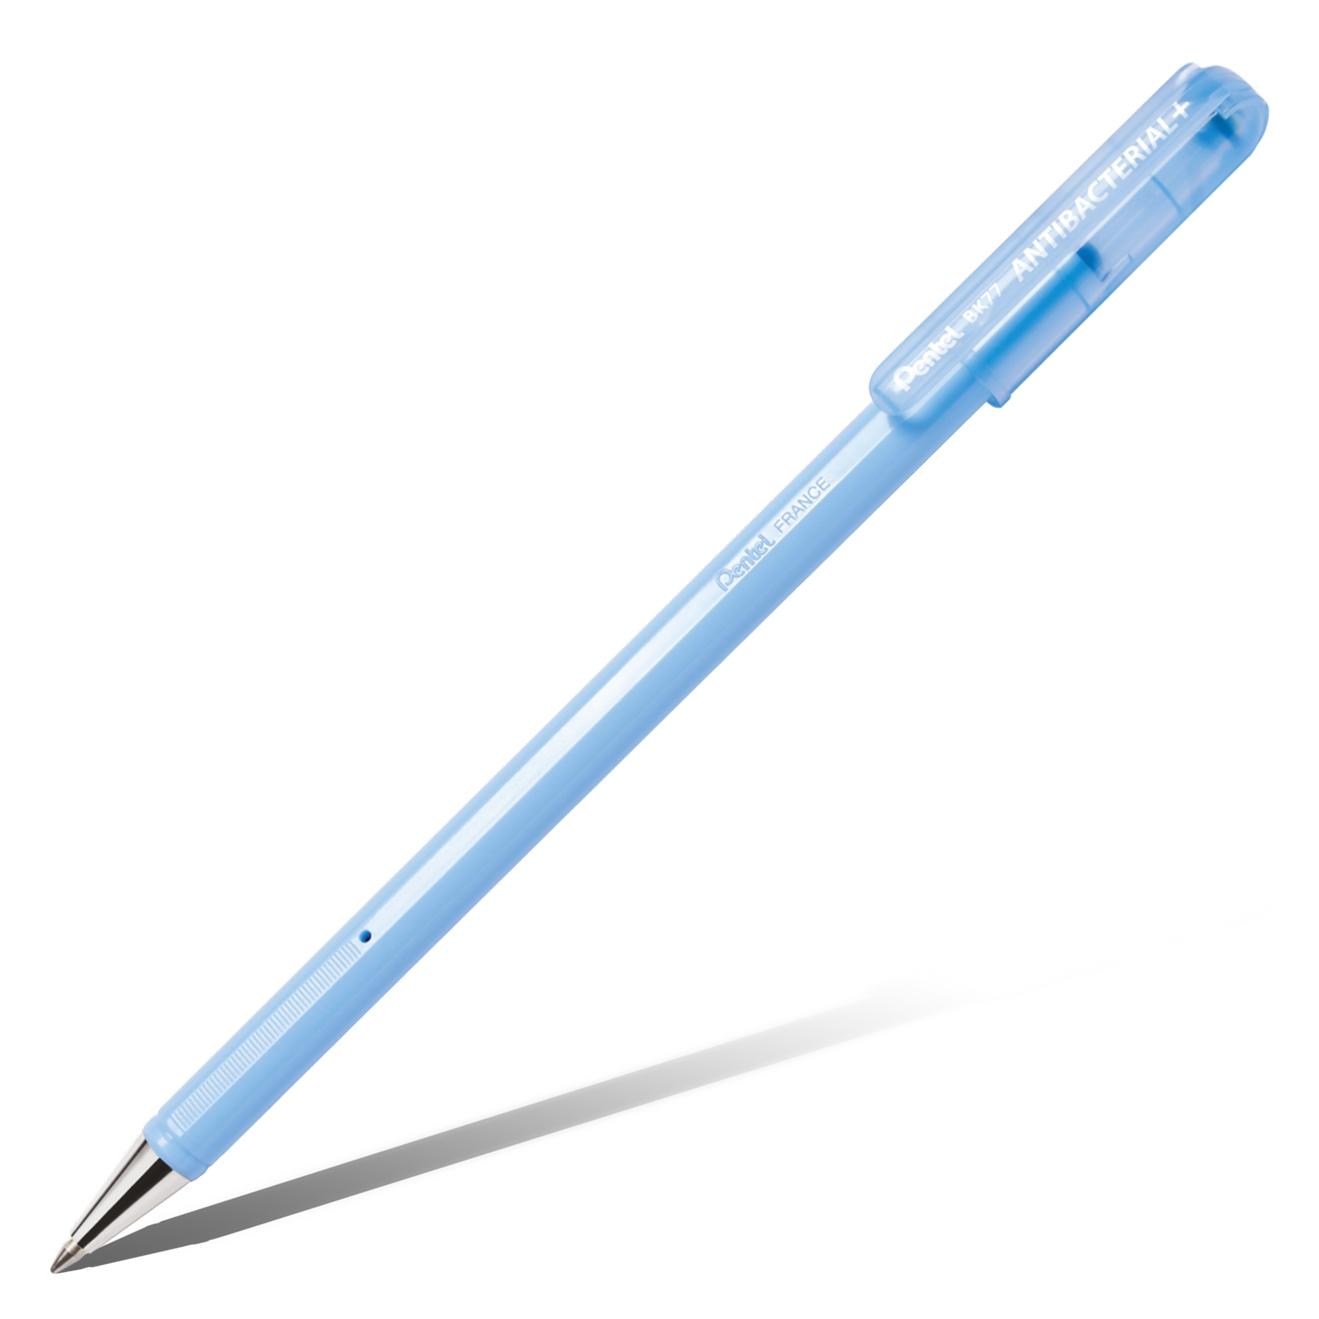 Ручка шариковая синяя Антибактериальная 0,7 Antibacterial+ , металлич.наконеч